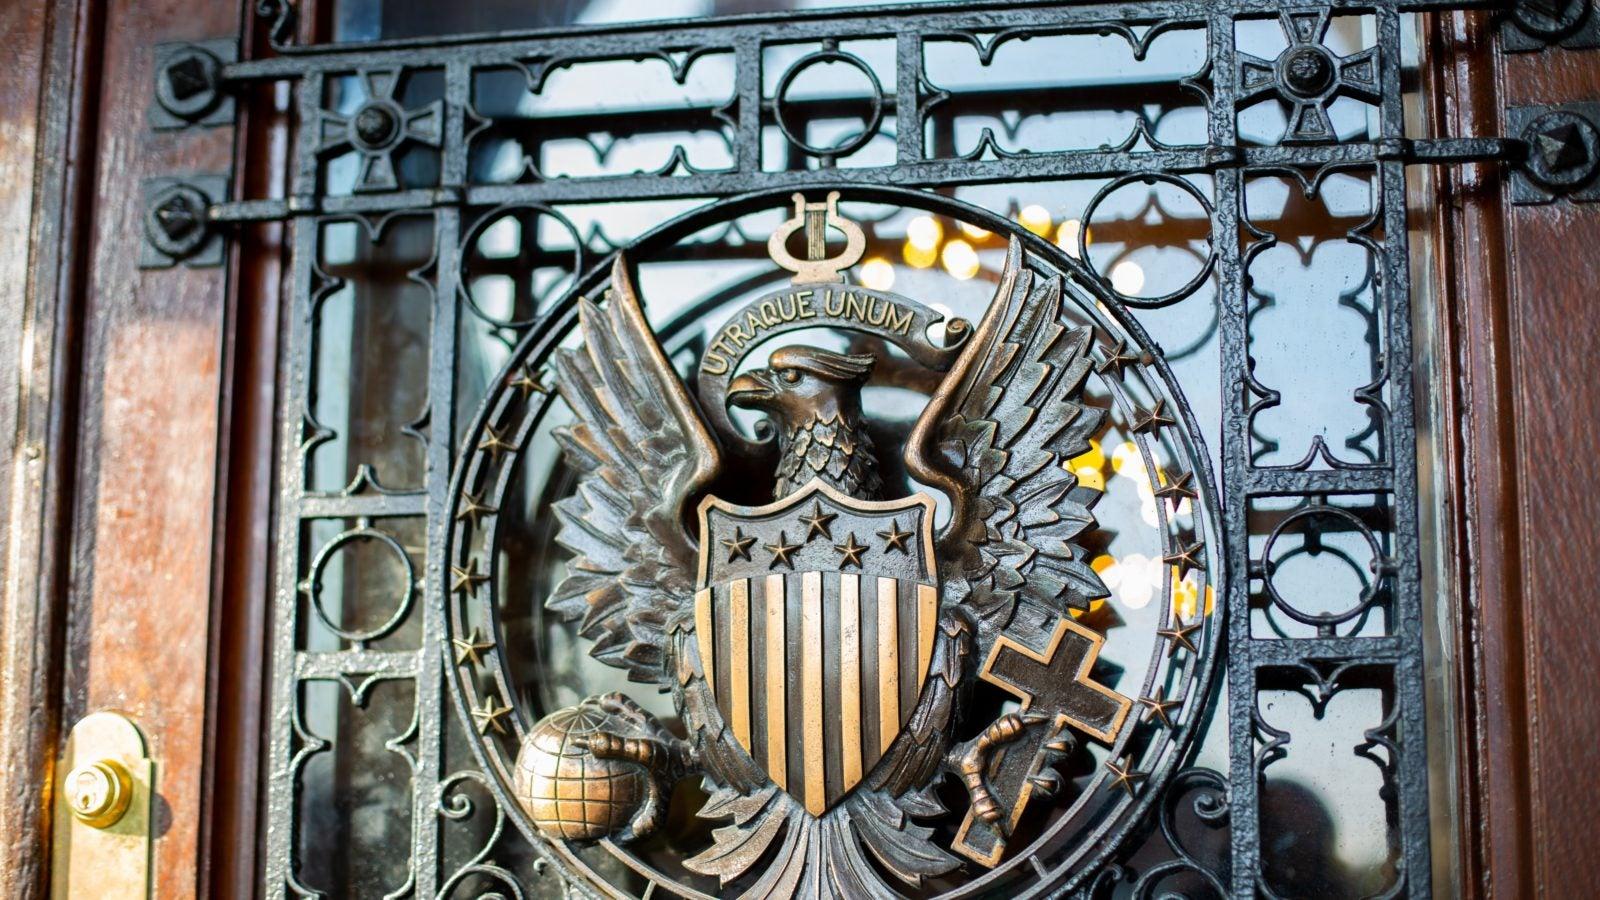 Georgetown seal on doors